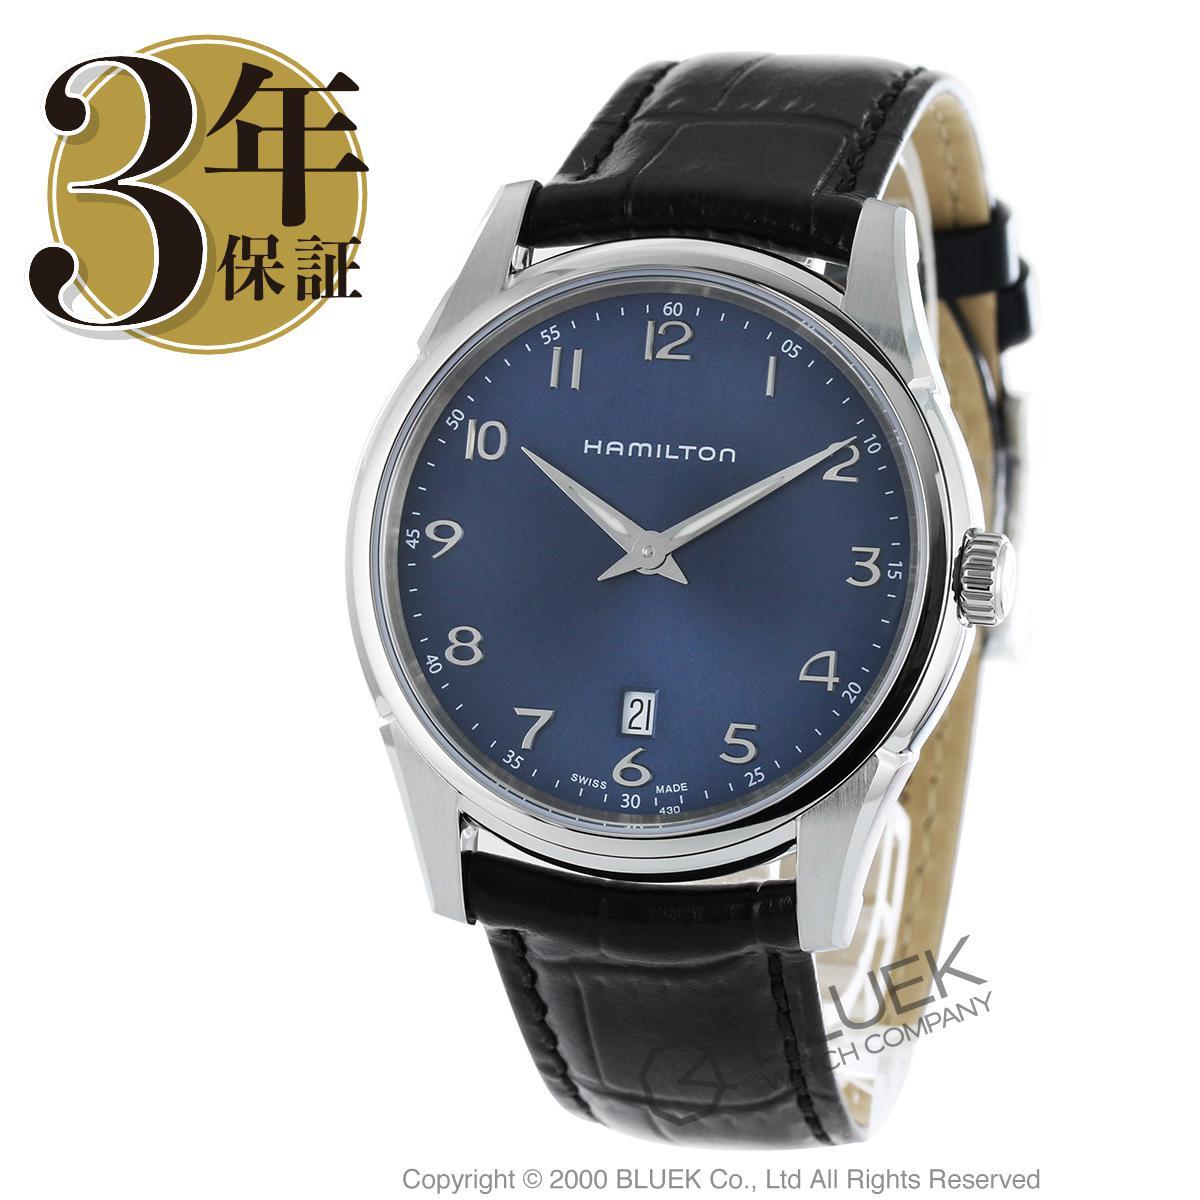 ハミルトン ジャズマスター シンライン 腕時計 メンズ HAMILTON H38511743_8 バーゲン 成人祝い ギフト プレゼント